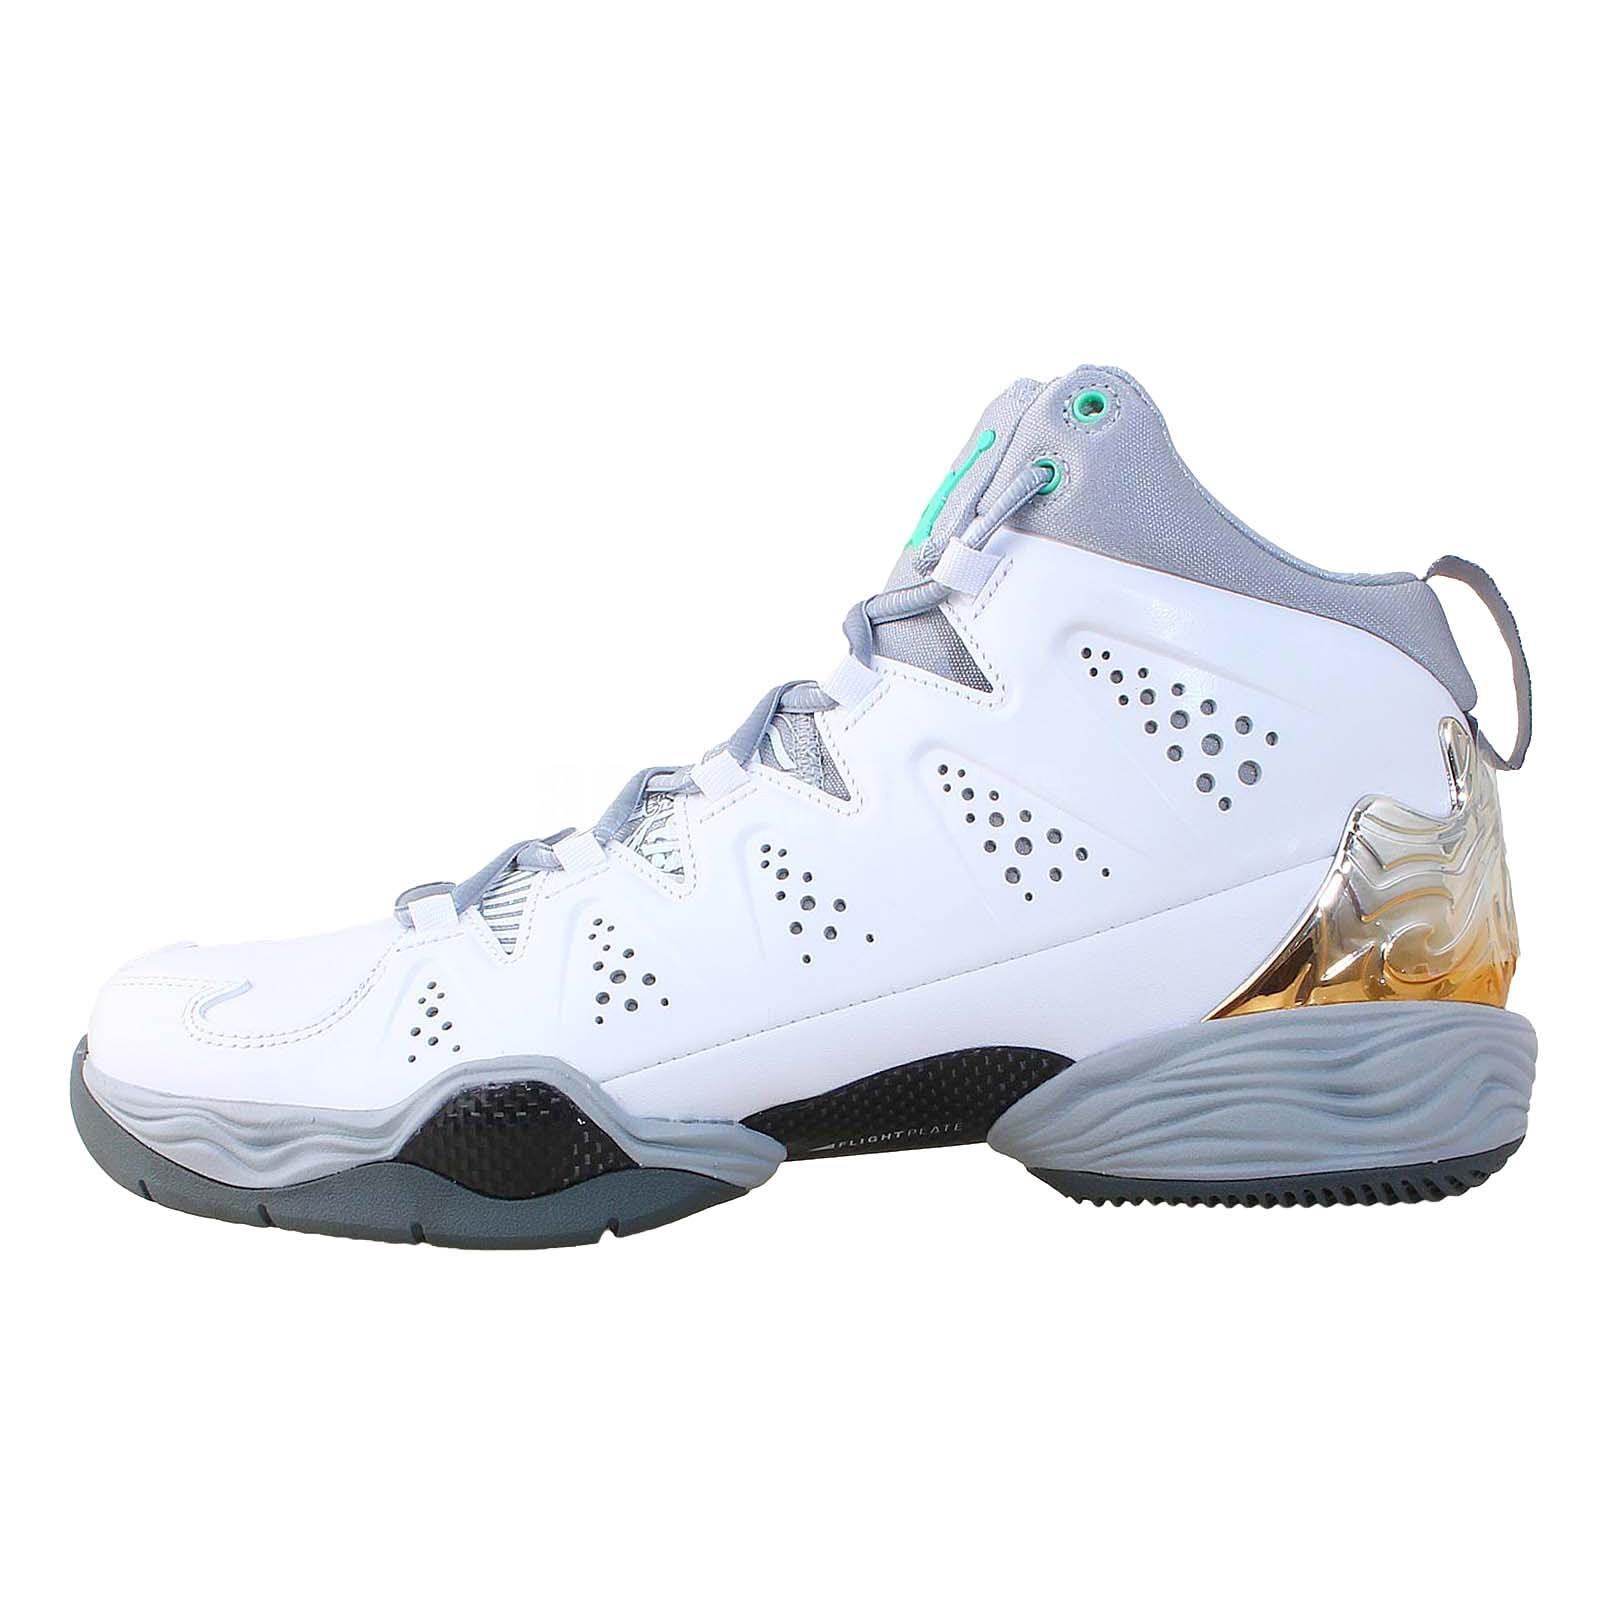 Nike Jordan Melo M10 White Green Glow 2014 Carmelo Anthony ...